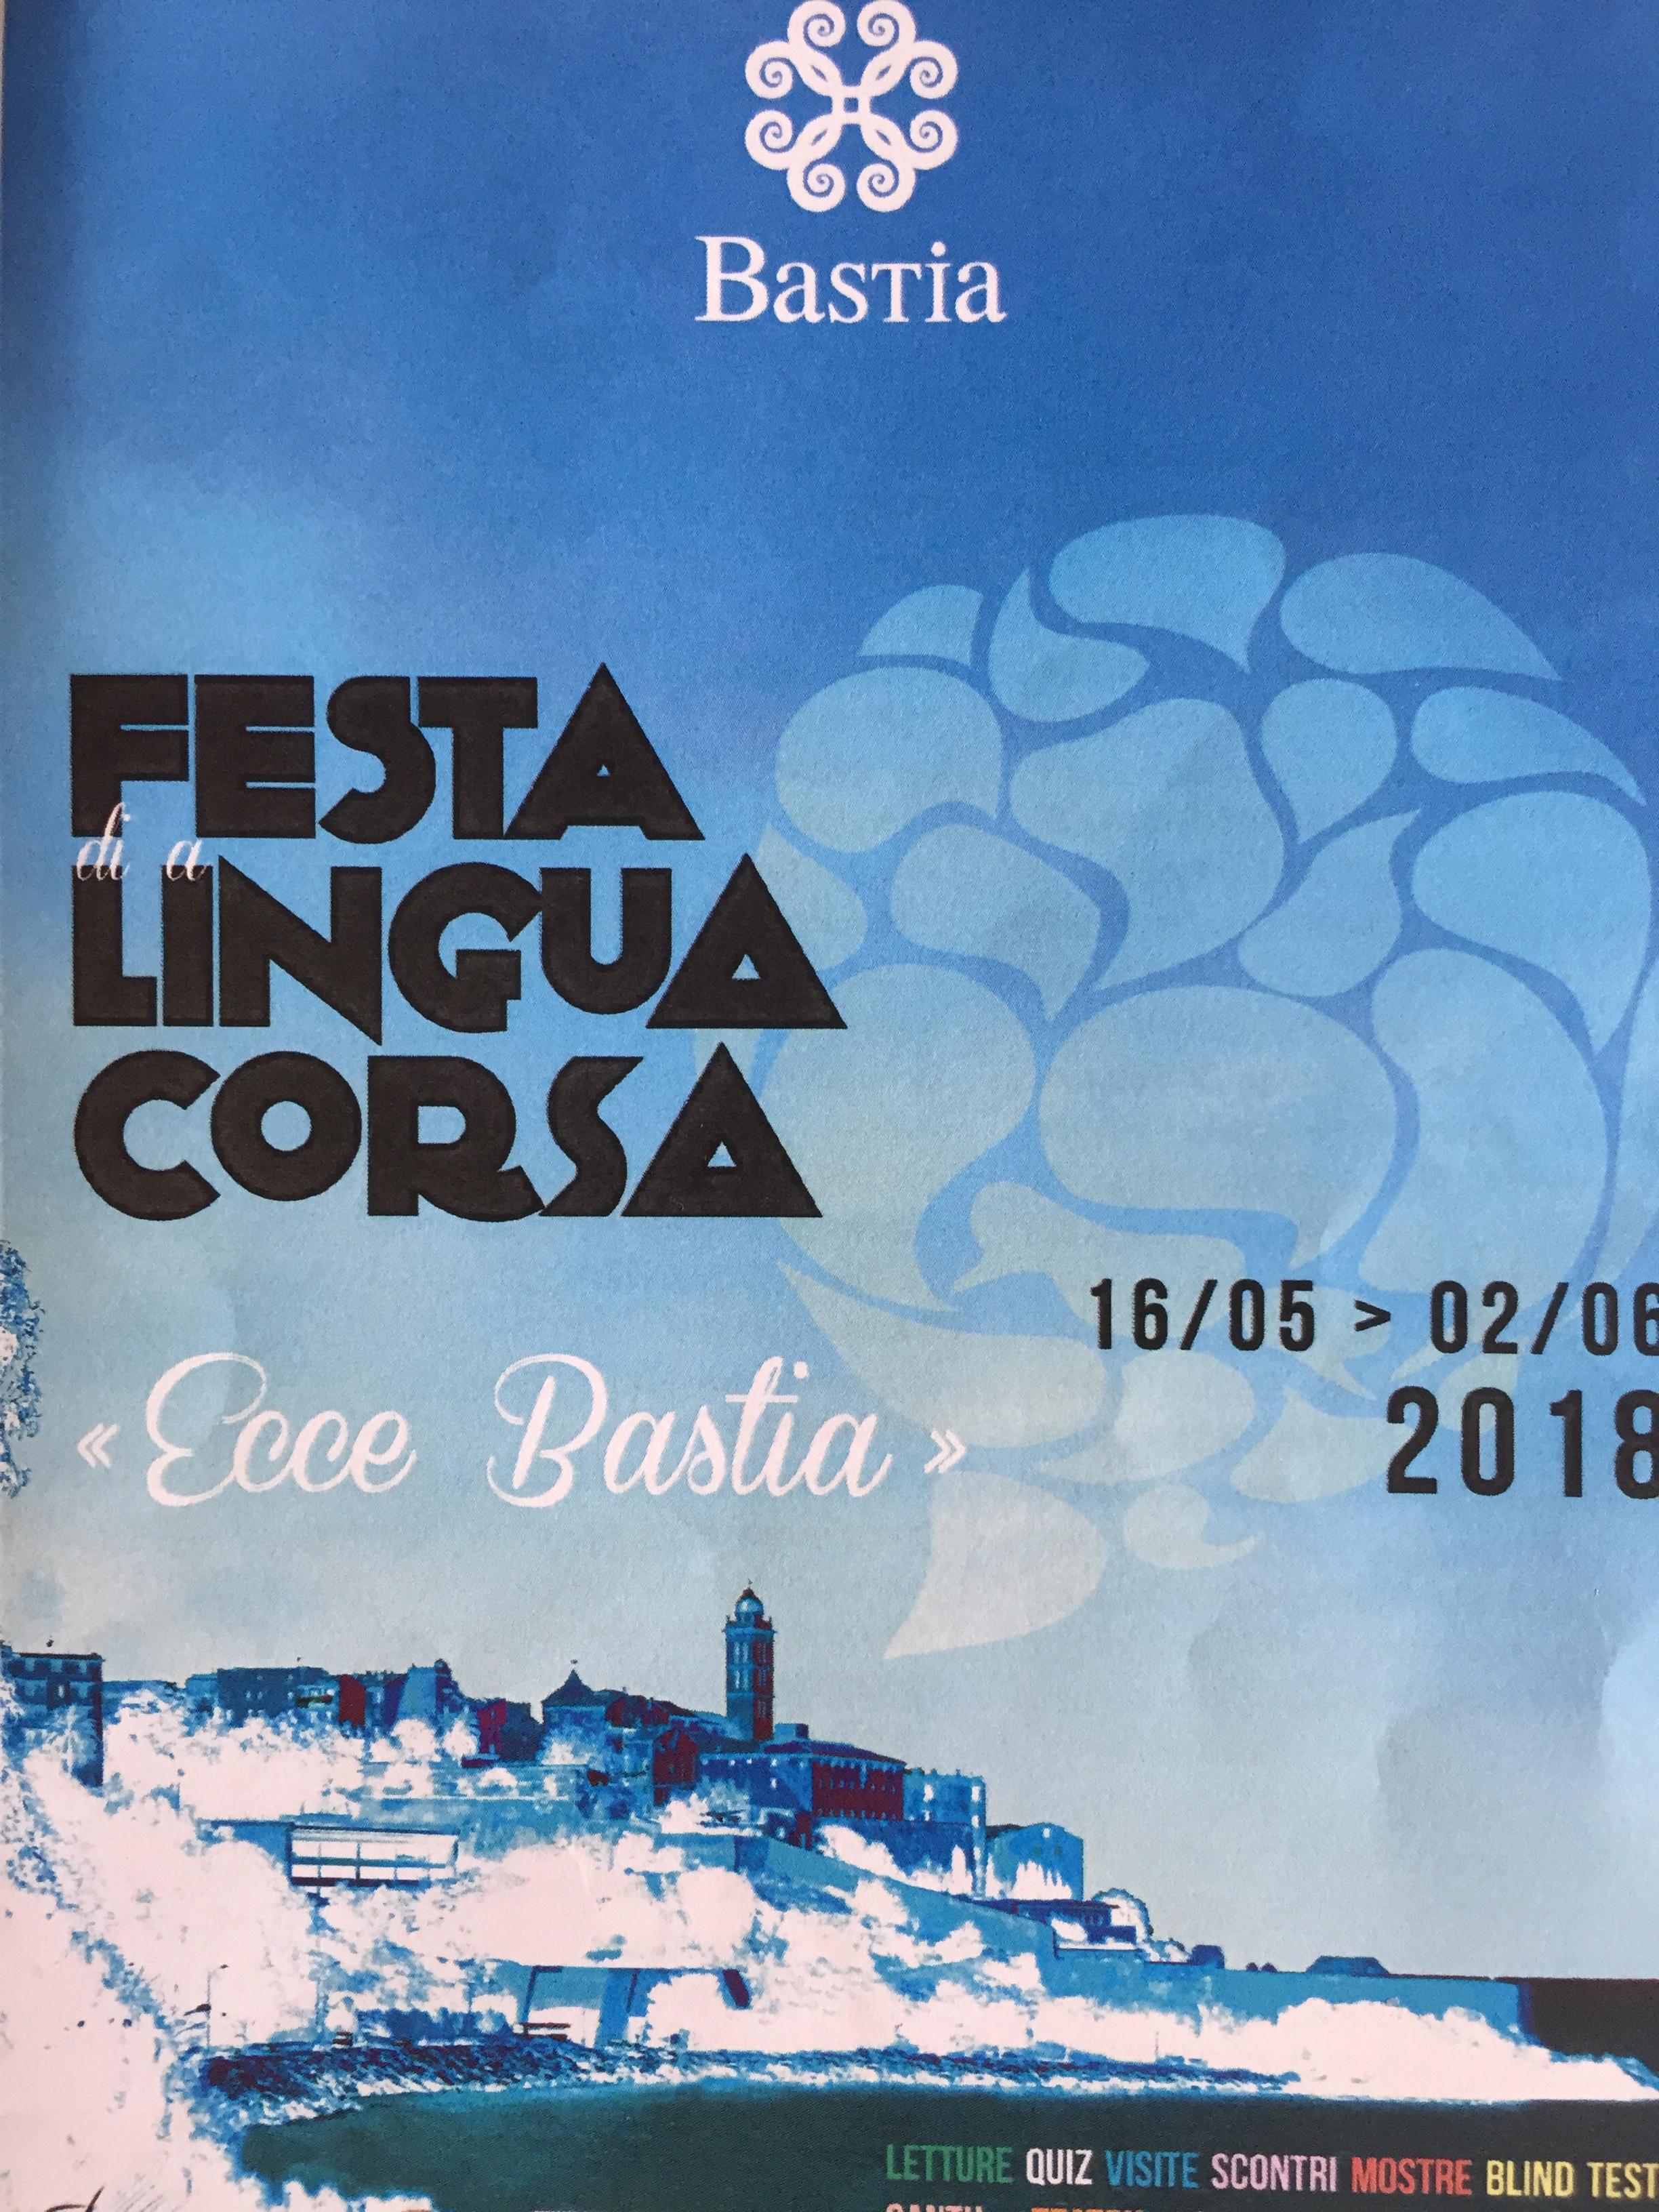 Bastia: Ces chers poètes oubliés ...